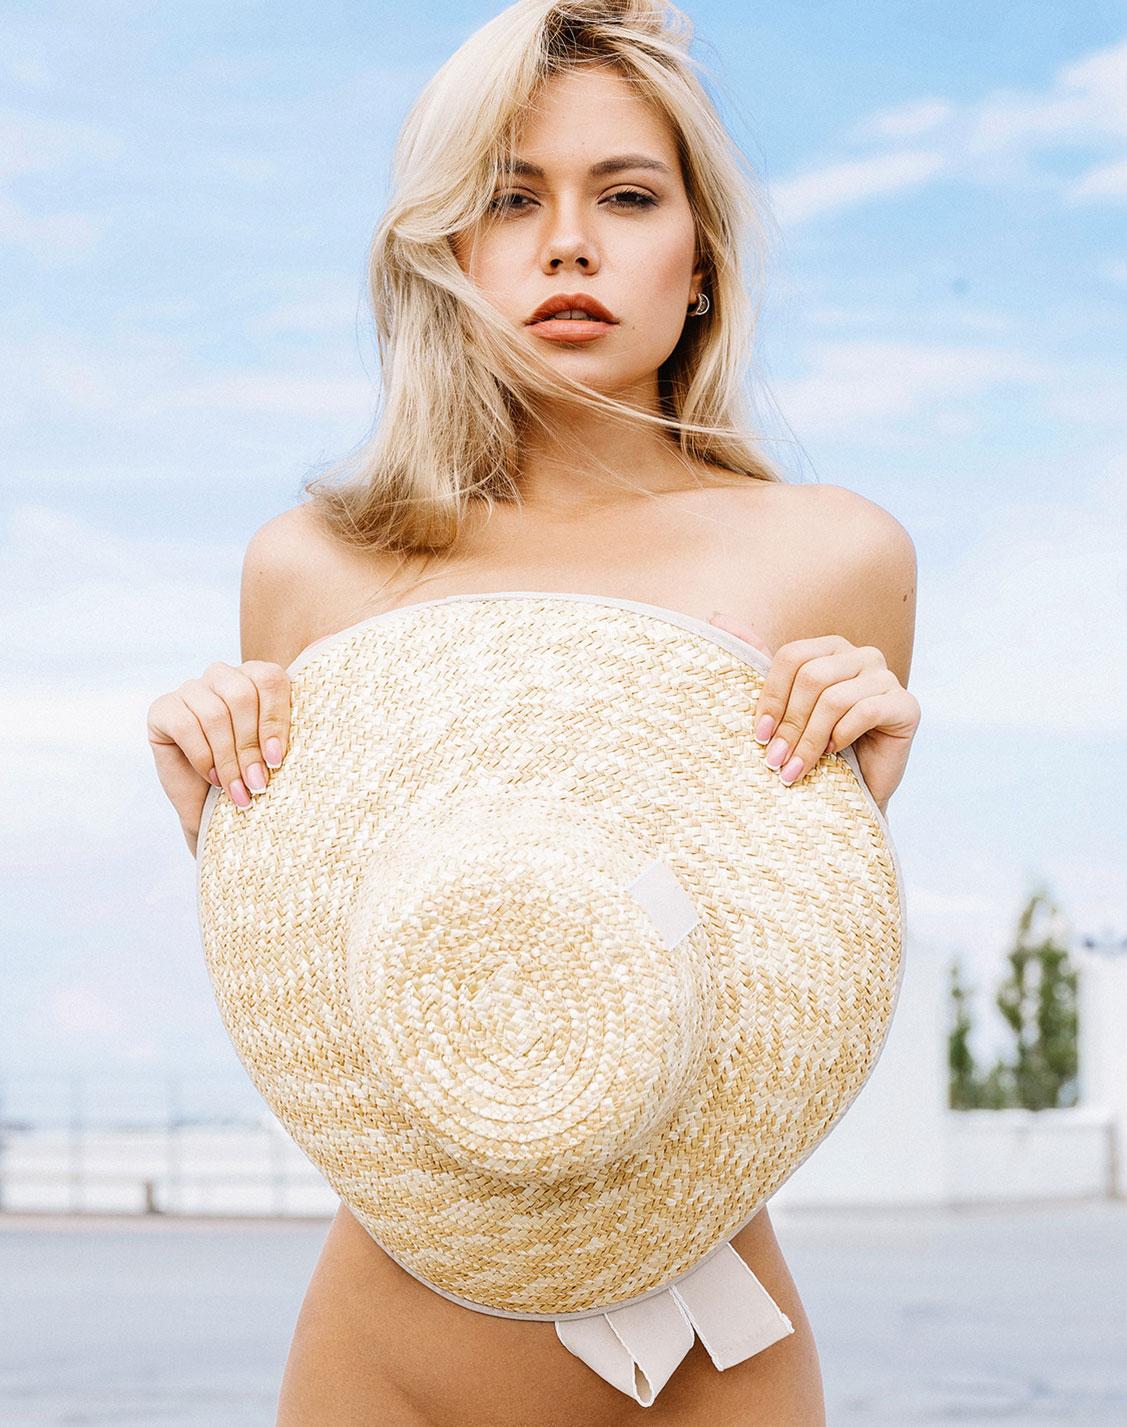 голая девушка в соломенной шляпке / фото 09